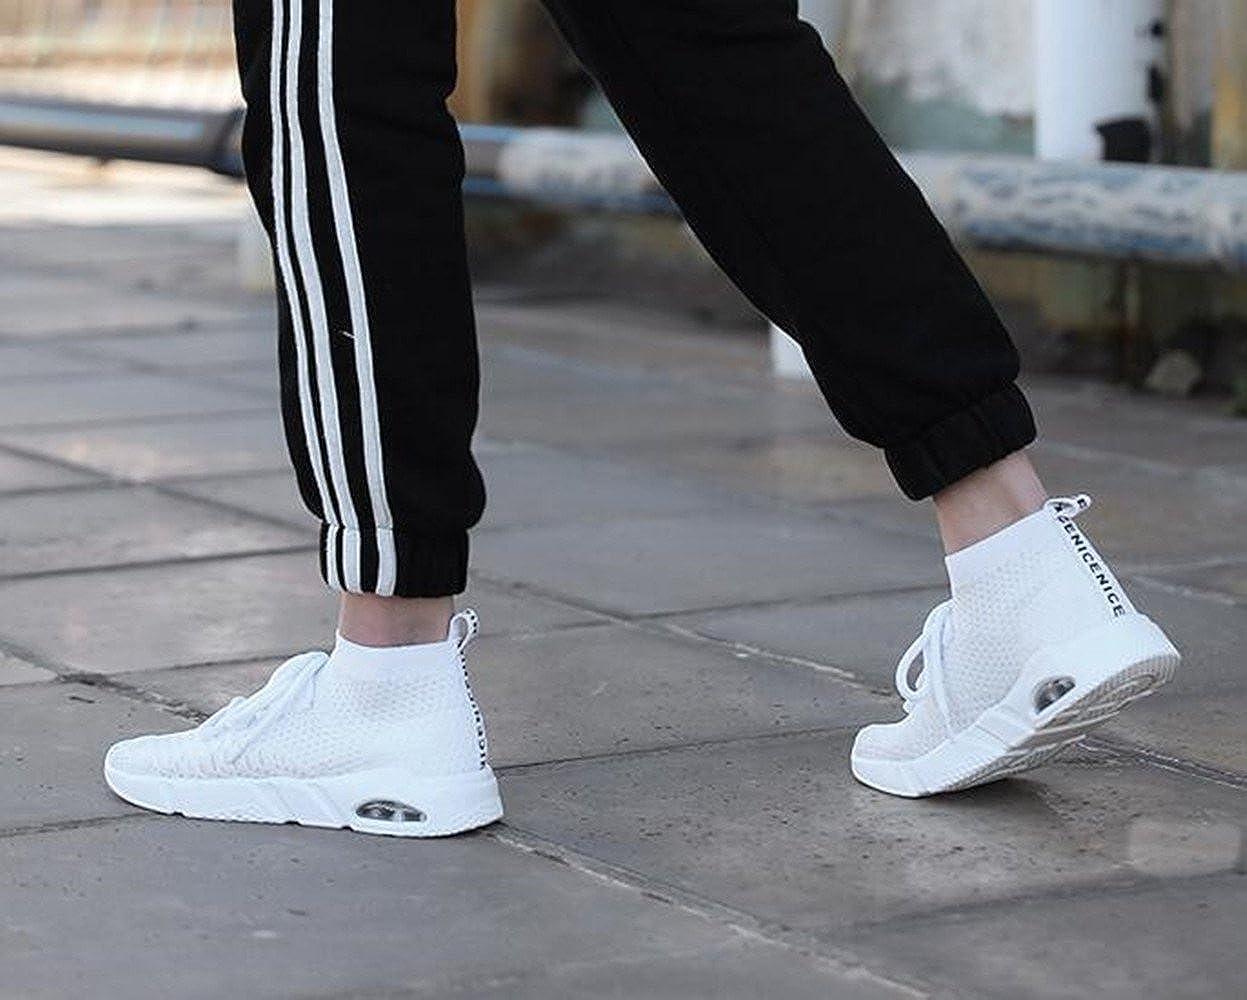 Homme Chaussures de Course Fitness Walking Baskets High Top Slip on Knit  Chaussette Coussin à Air 5d32c93740c